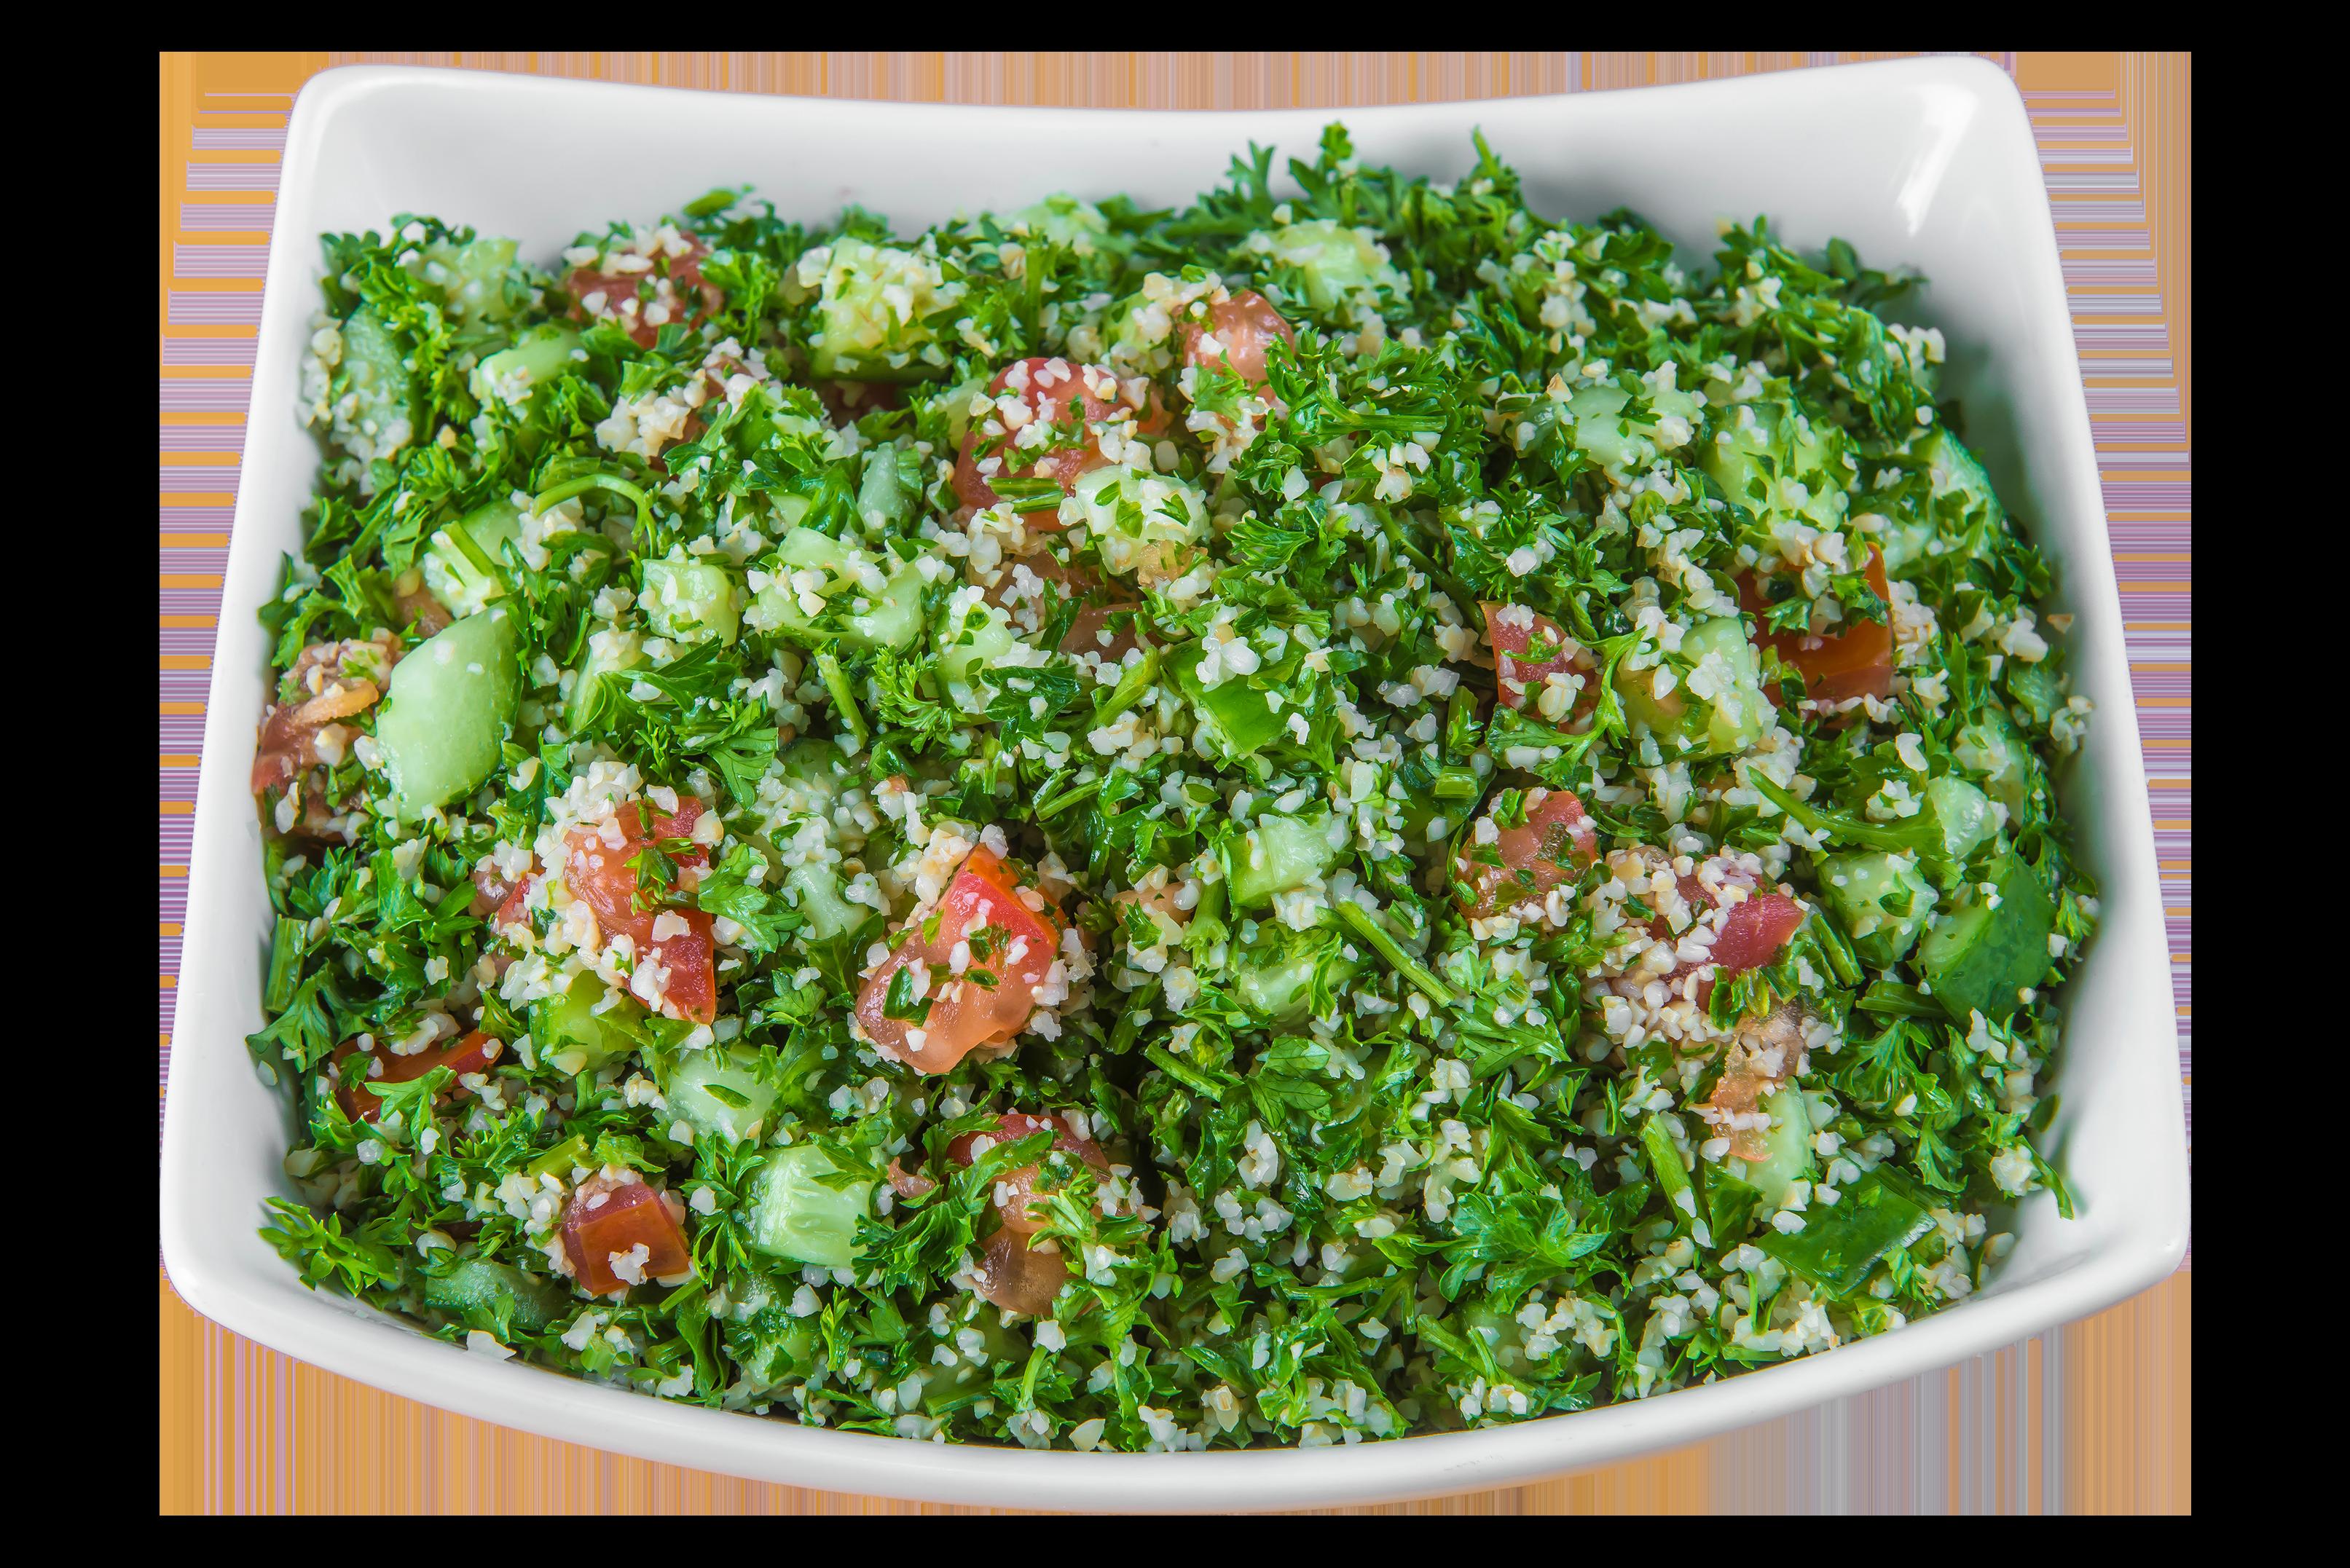 pita cafe tabbouleh salad transparent